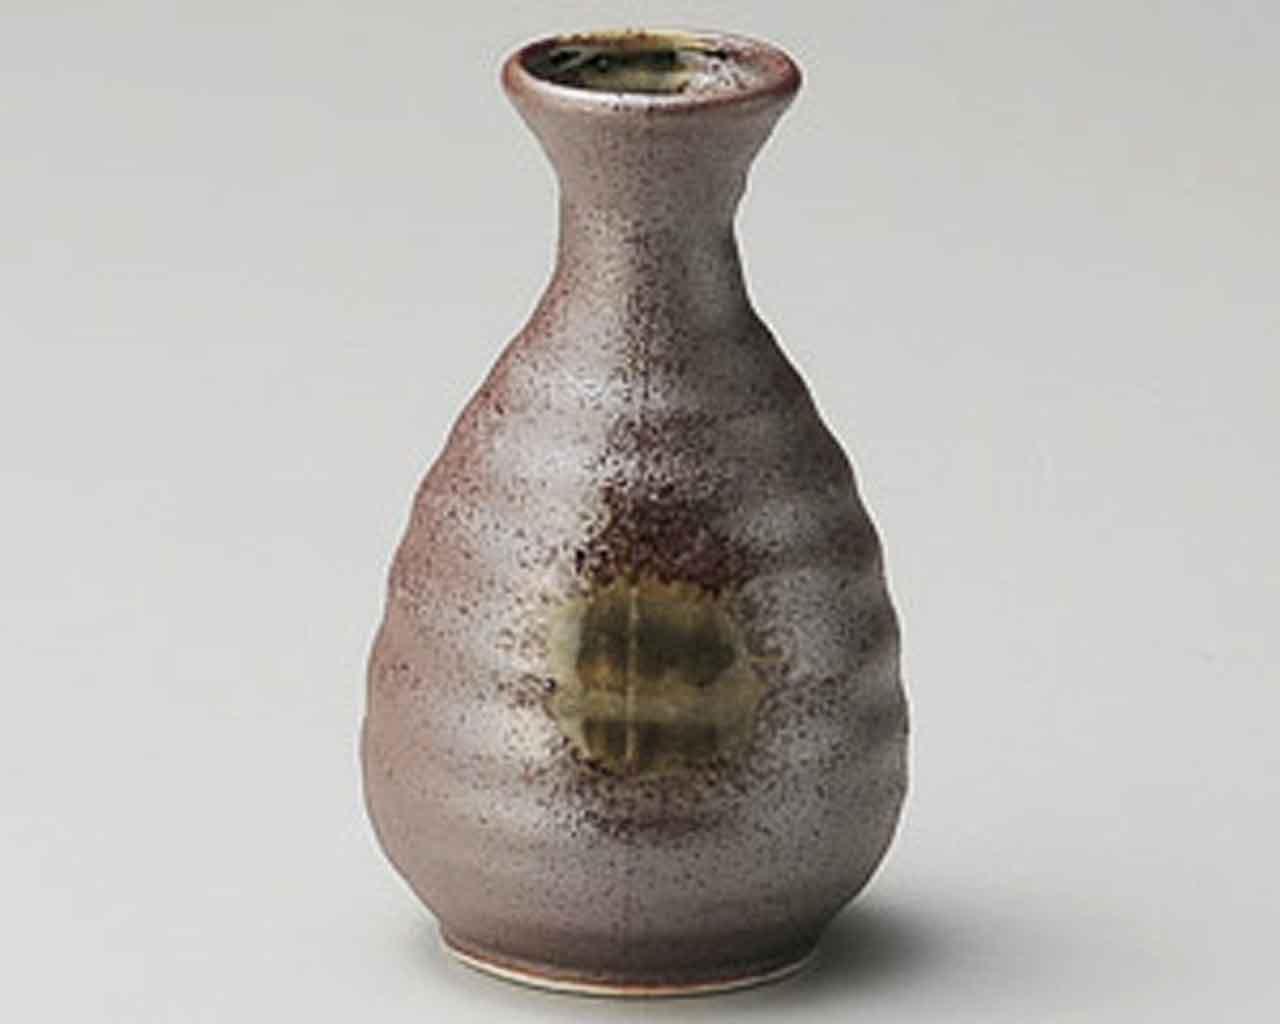 Sabi-kessho 2.3inch Set of 5 Sake carafes Brown porcelain Made in Japan by Watou.asia (Image #1)